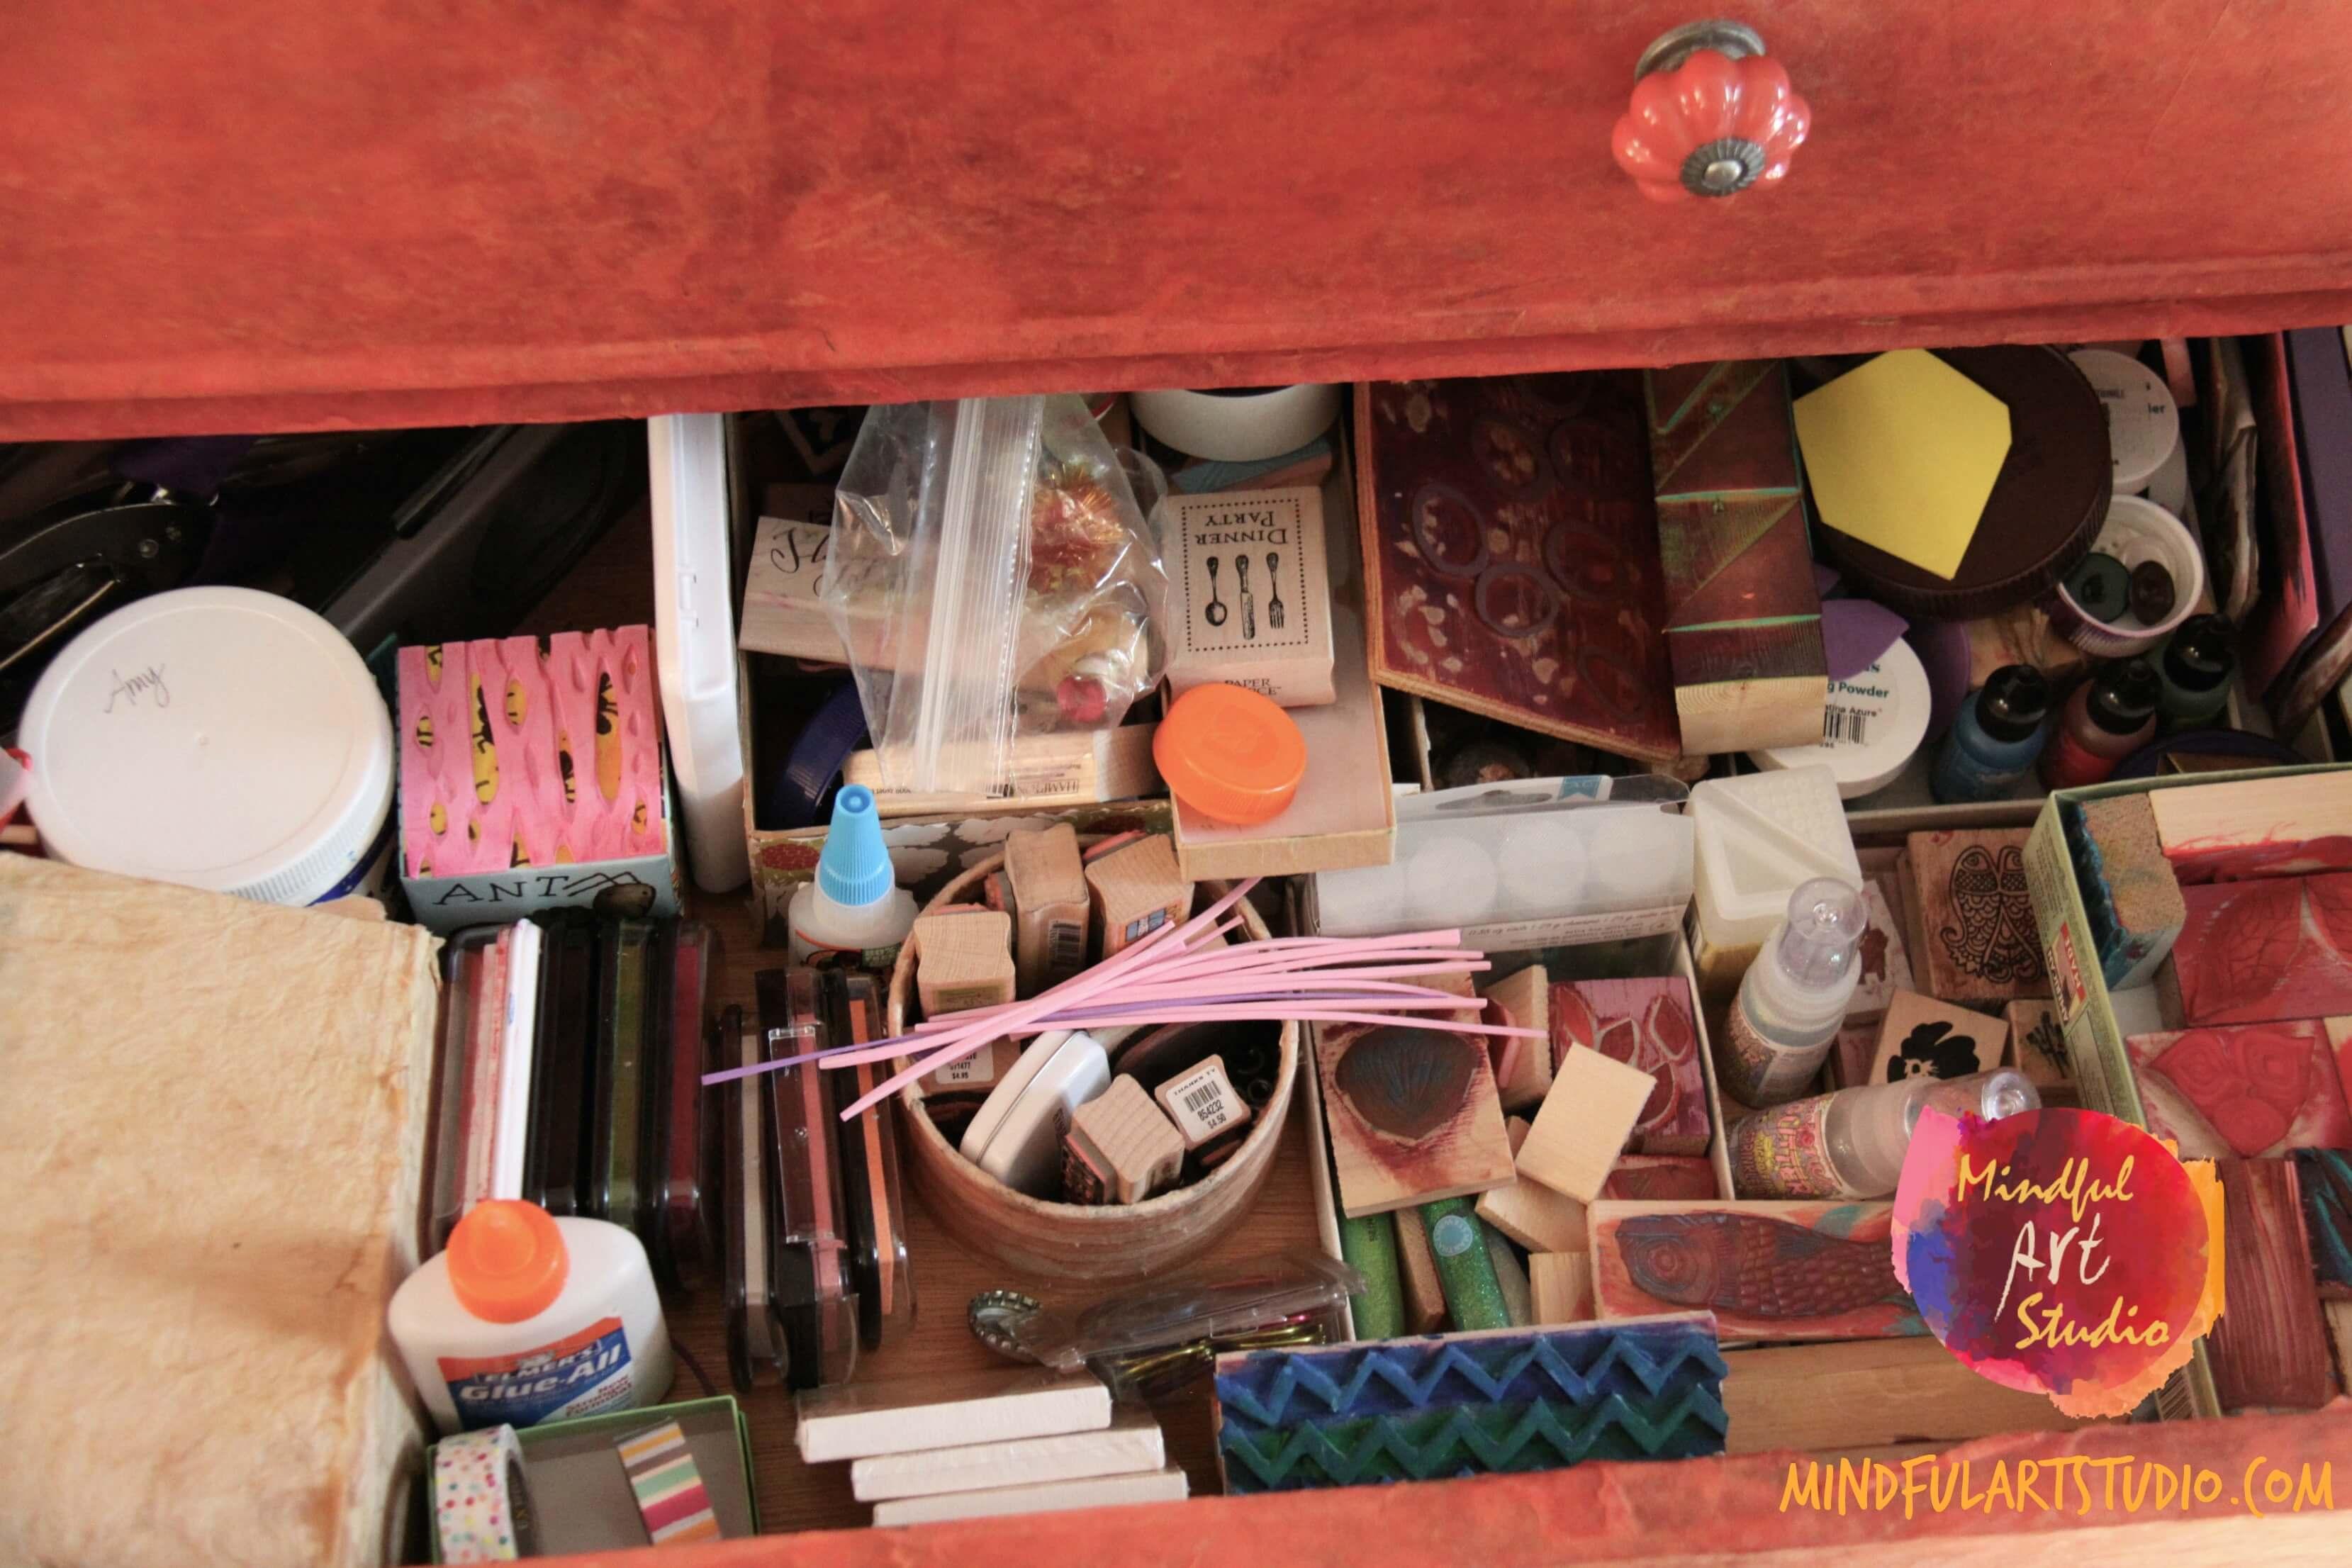 The DIY Art Studio 12 Ways to